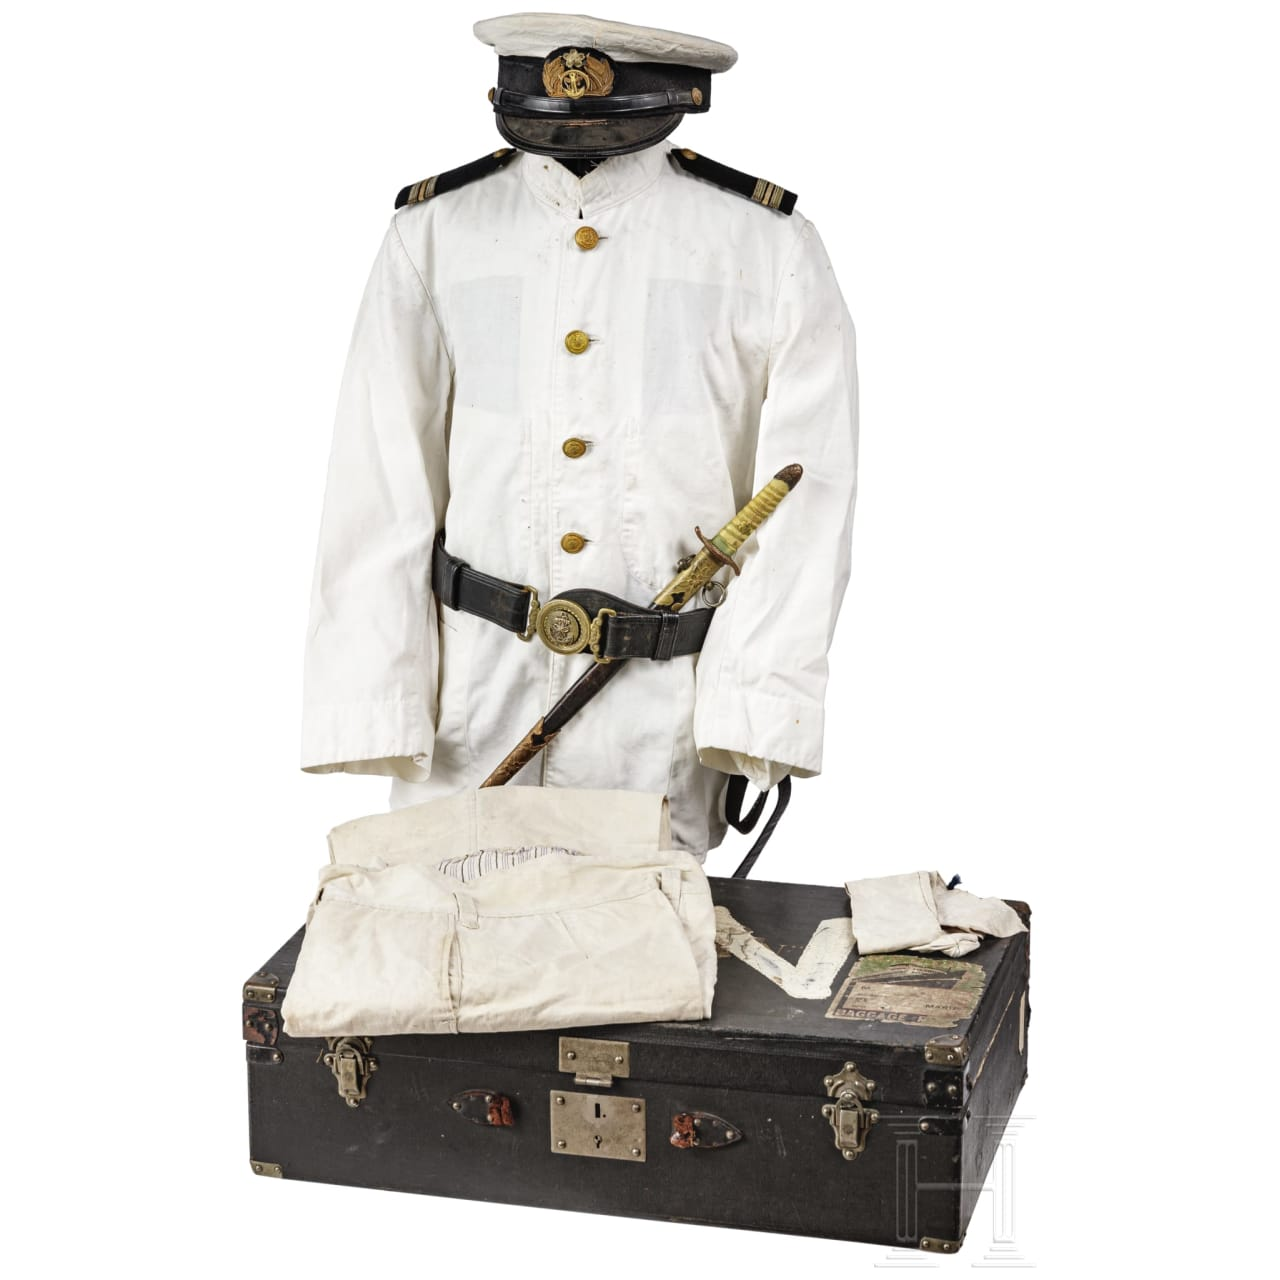 Uniformensemble eines Offiziers der japanischen Marine, Meiji-Showa-Periode